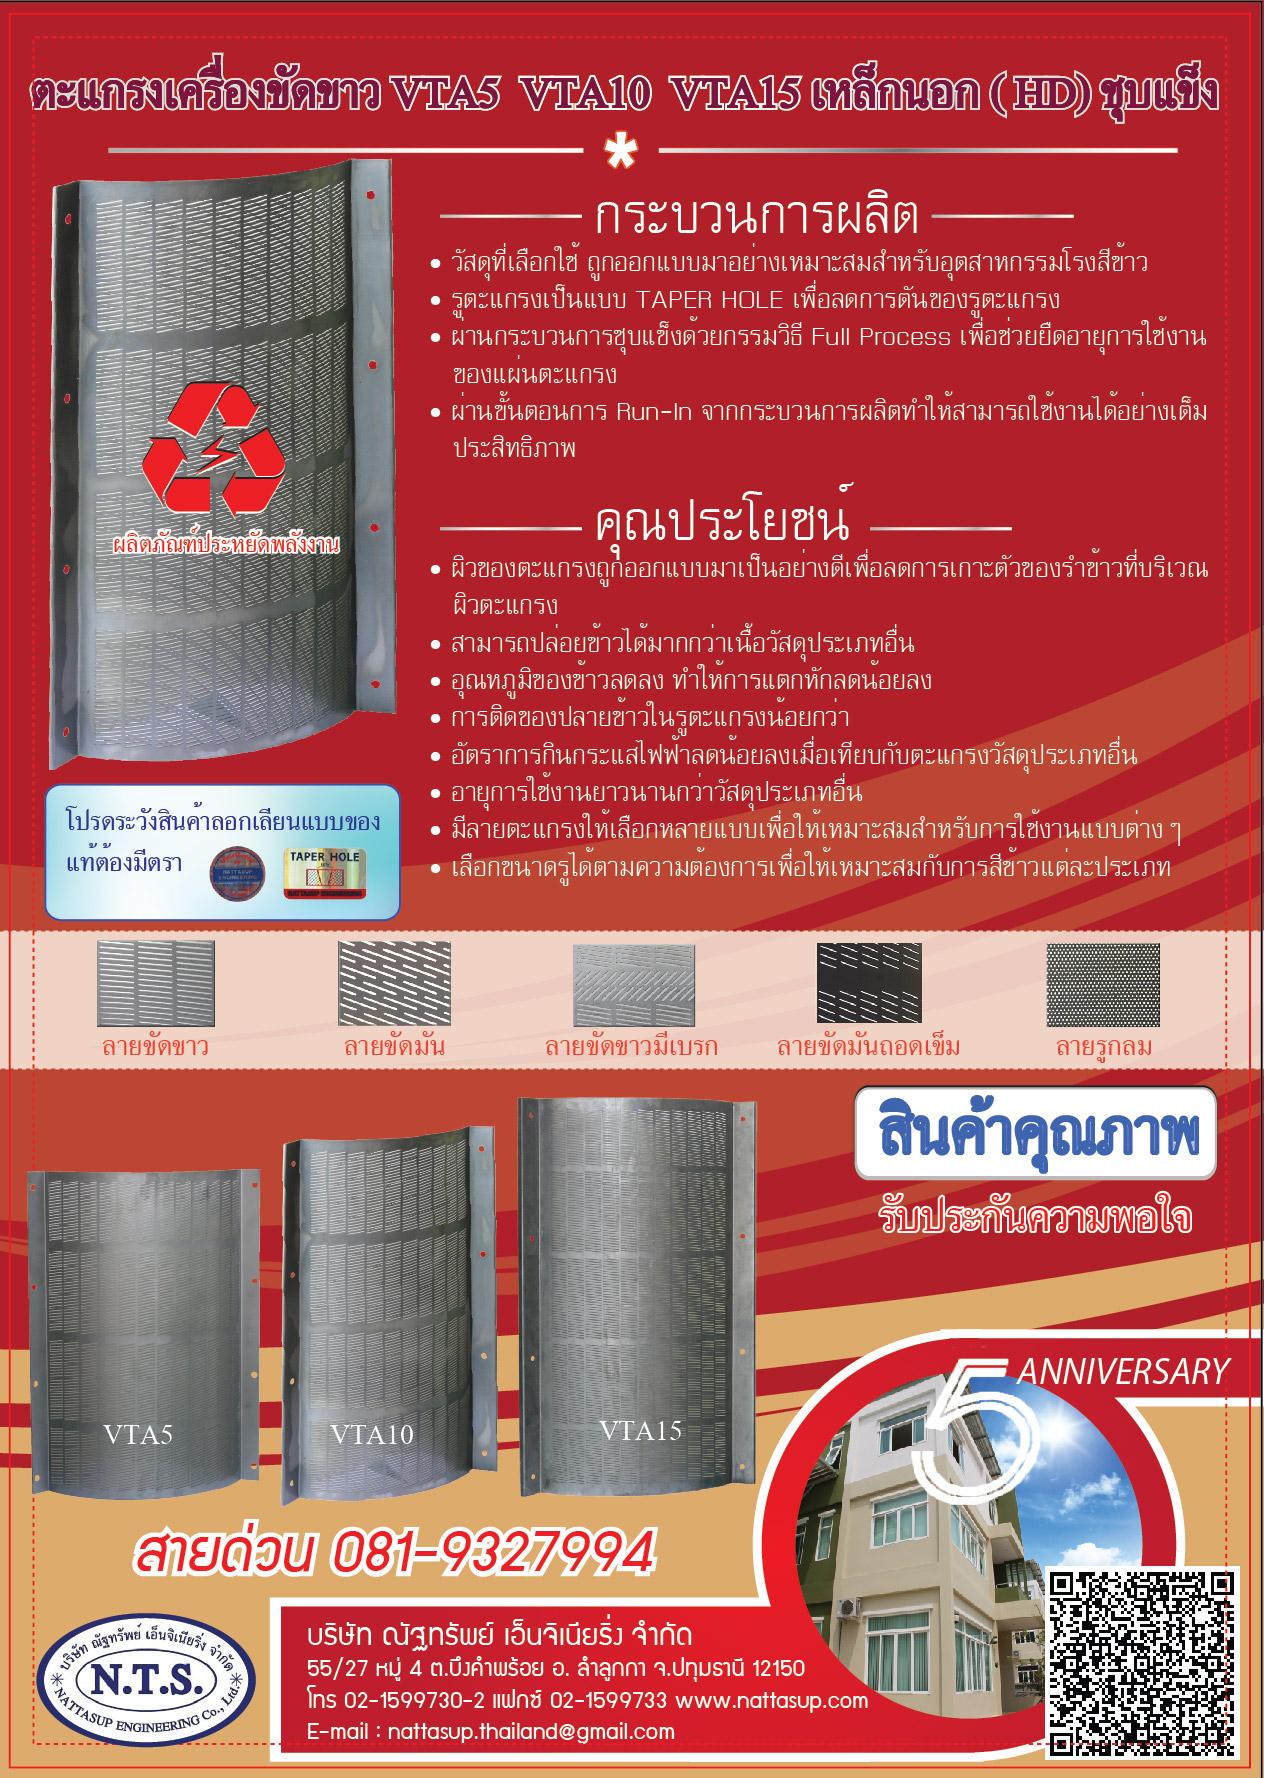 VTA5_VTA10_VTA12_VTA15_SW2500_SW6000_SW9000_ตะแกรงเครื่องขัดขาว